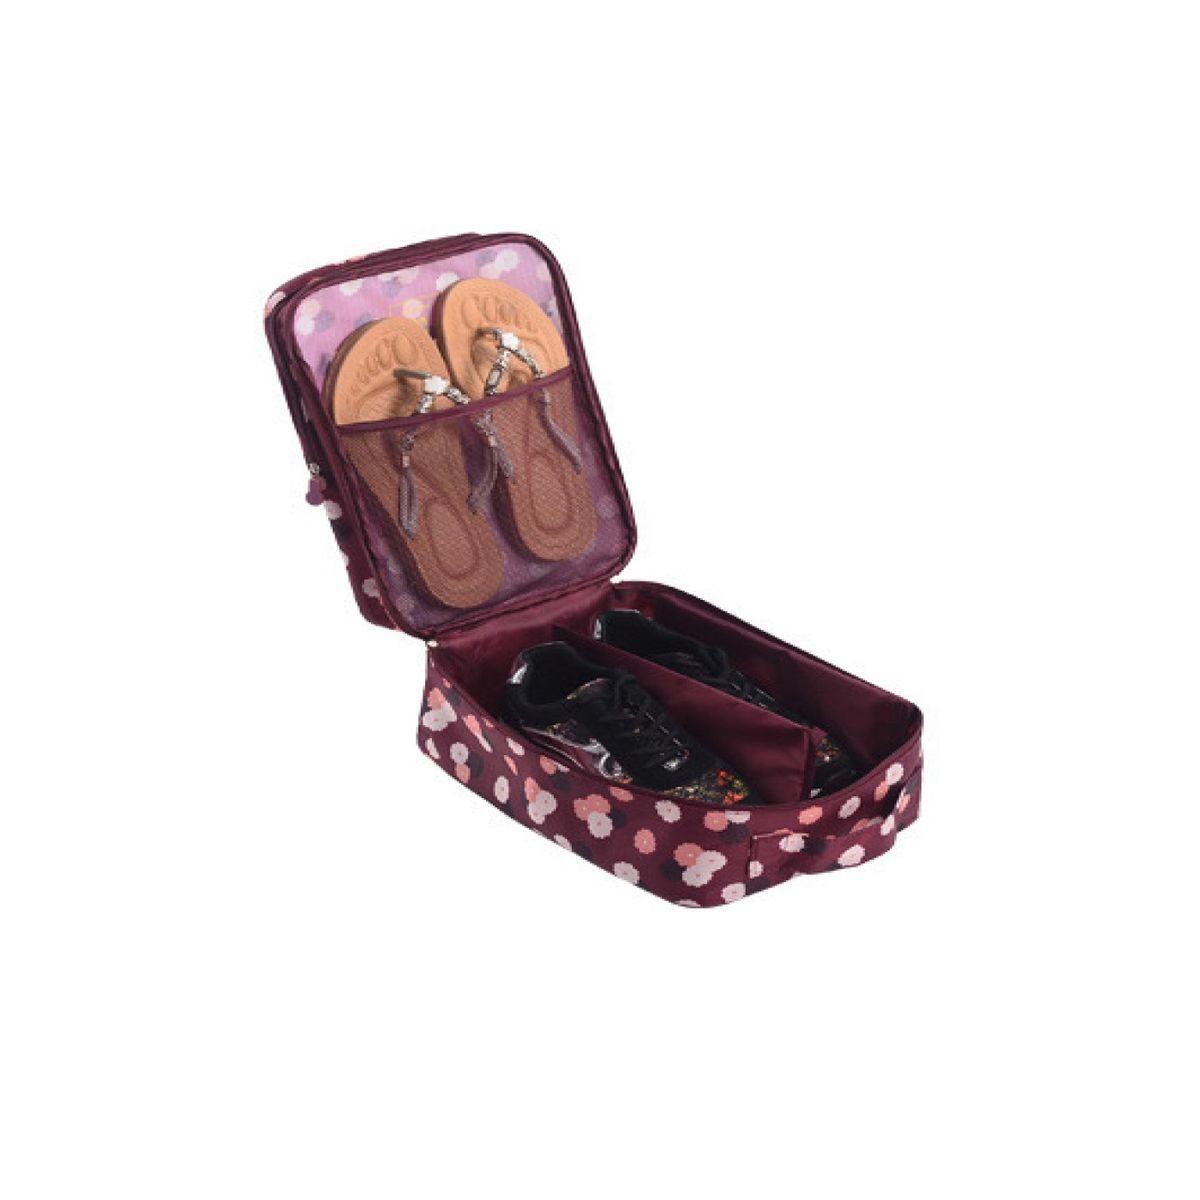 Органайзер для обуви Homsu Цветок, цвет: бордовый, белый, розовый, 32 x 20 x 13 см74-0060Органайзер для обуви Homsu Цветок изготовлен из 100% полиэстера. Экономичная замена пластиковым пакетам и громоздким коробкам. Органайзер закрывается на молнию. Имеется ручка для удобной переноски. Внутри органайзер разделен на 2 отделения для обуви с дополнительным сетчатым кармашком.Очень компактный и очень удобный, такой органайзер поможет вам хранить обувь в чистоте и порядке.Размер: 32 х 20 х 13 см.